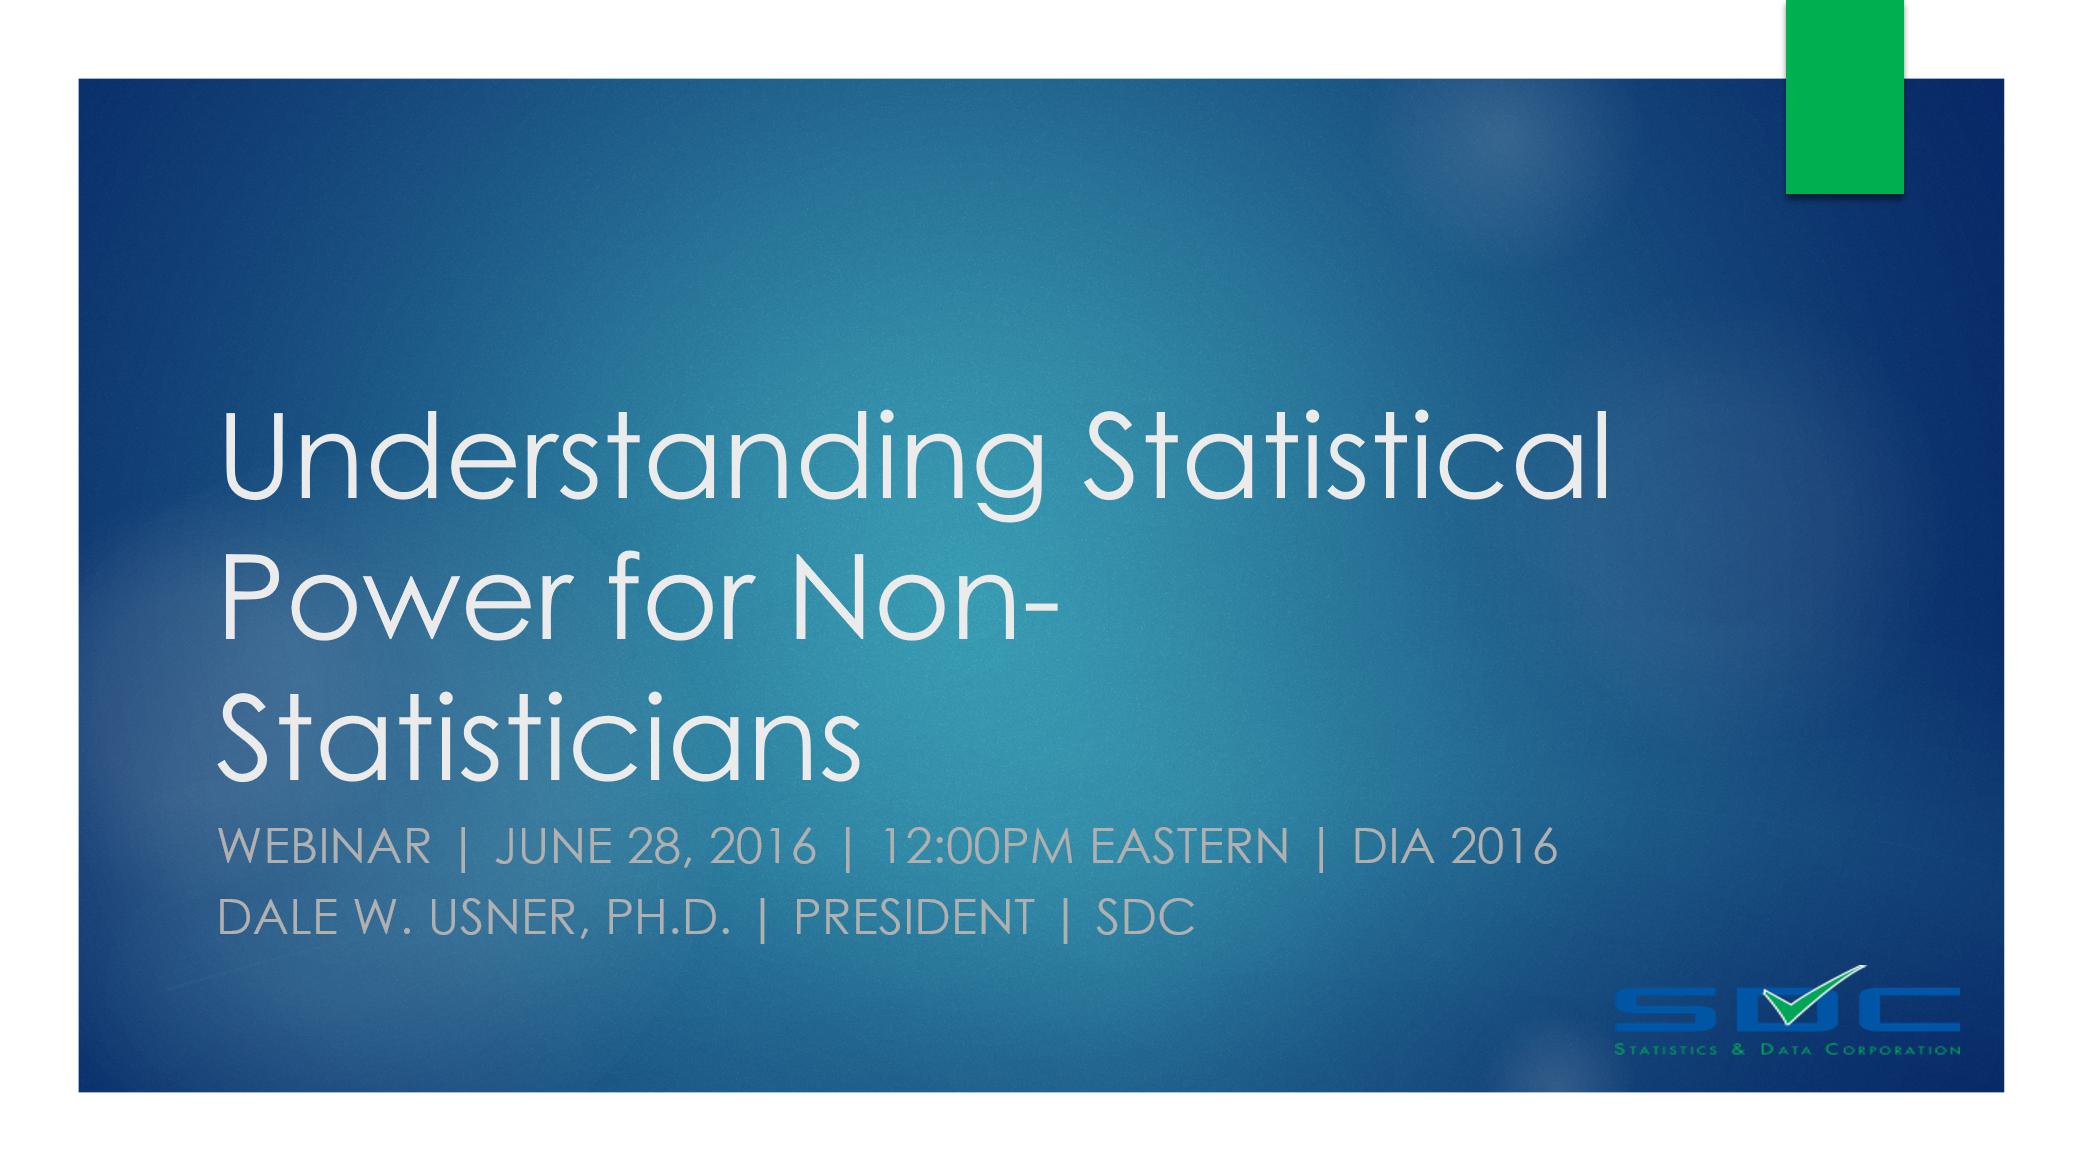 Screenshot_-_Webinar_-_Understanding_Statistical_Power_for_Non-Statisticians.png